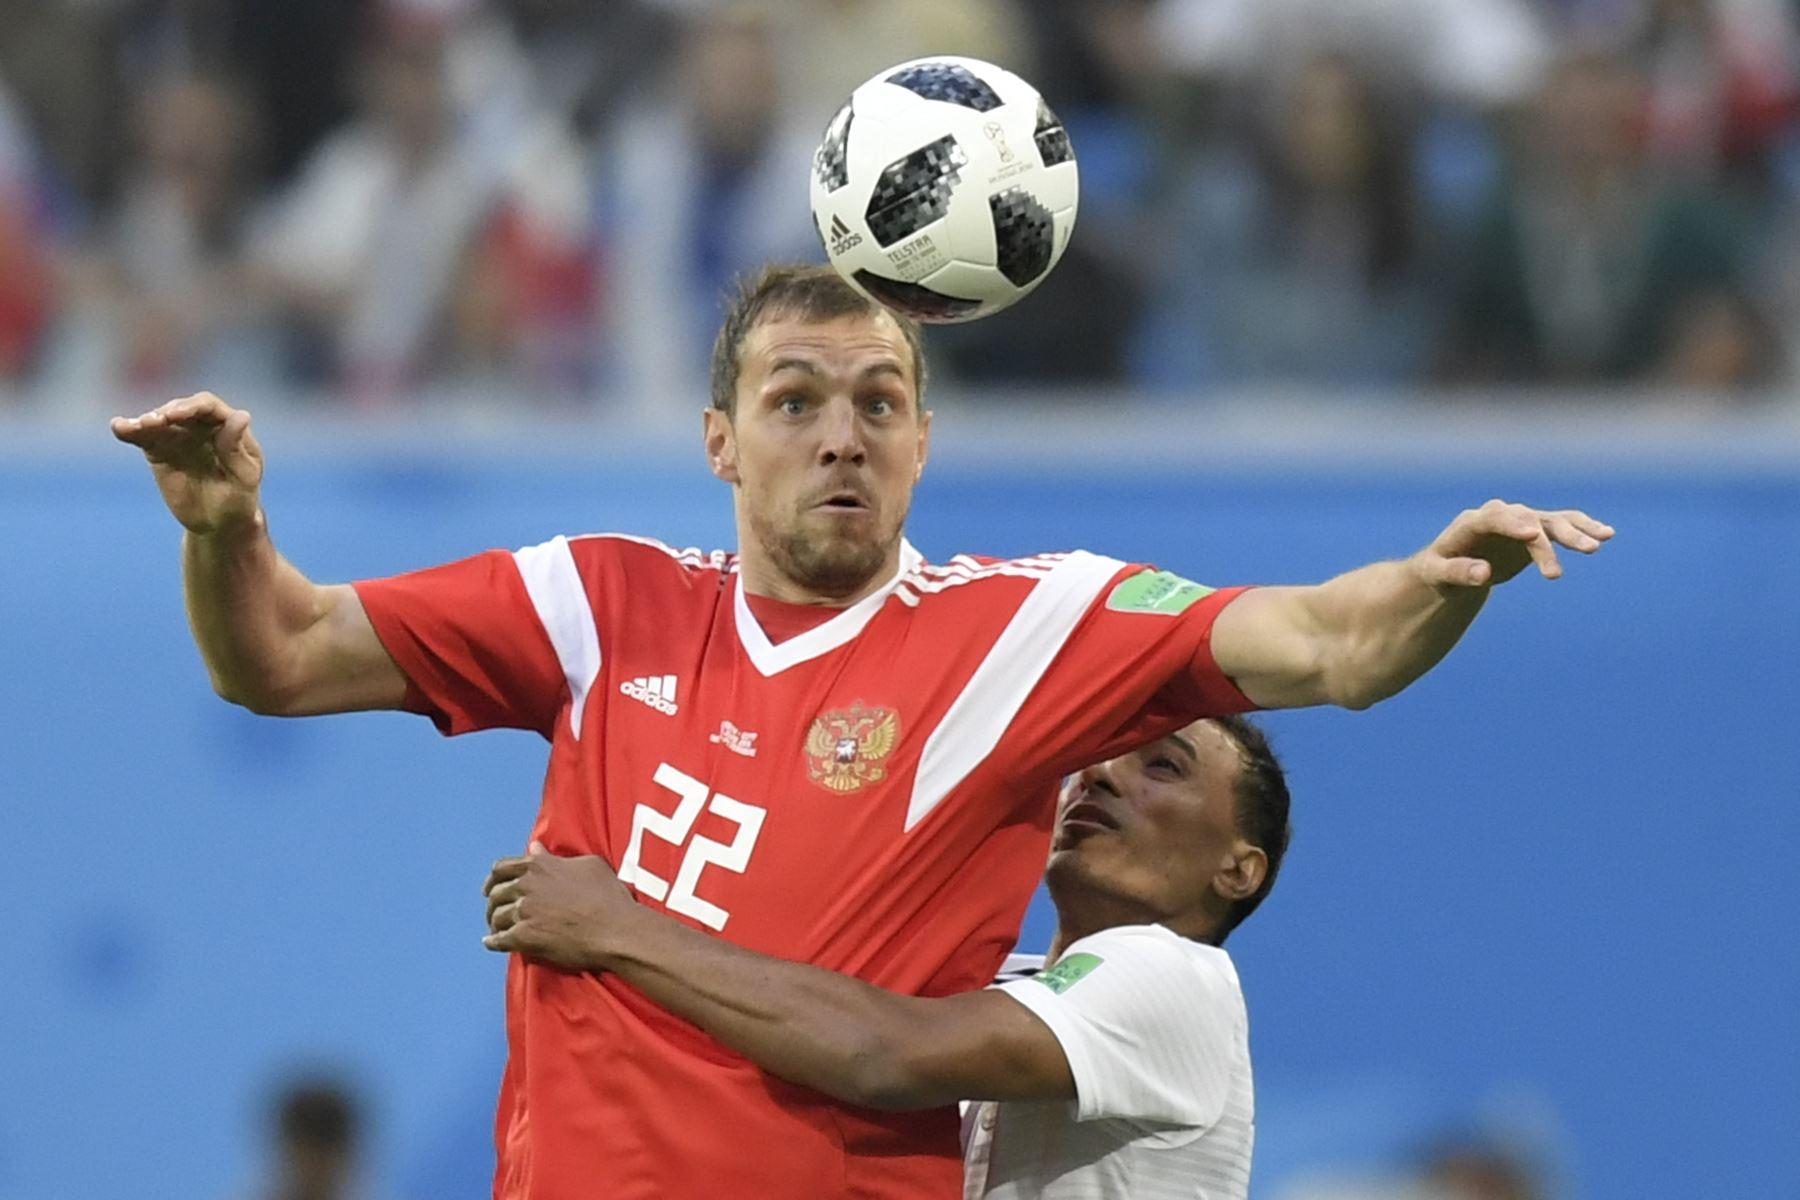 El delantero ruso Artem Dzyuba (L) y el defensor egipcio Mohamed Abdel-Shafy compiten durante el partido de fútbol Rusia A del Grupo A de la Copa Mundial 2018 entre Rusia y Egipto en el estadio San Petersburgo de San Petersburgo el 19 de junio de 2018. / AFP